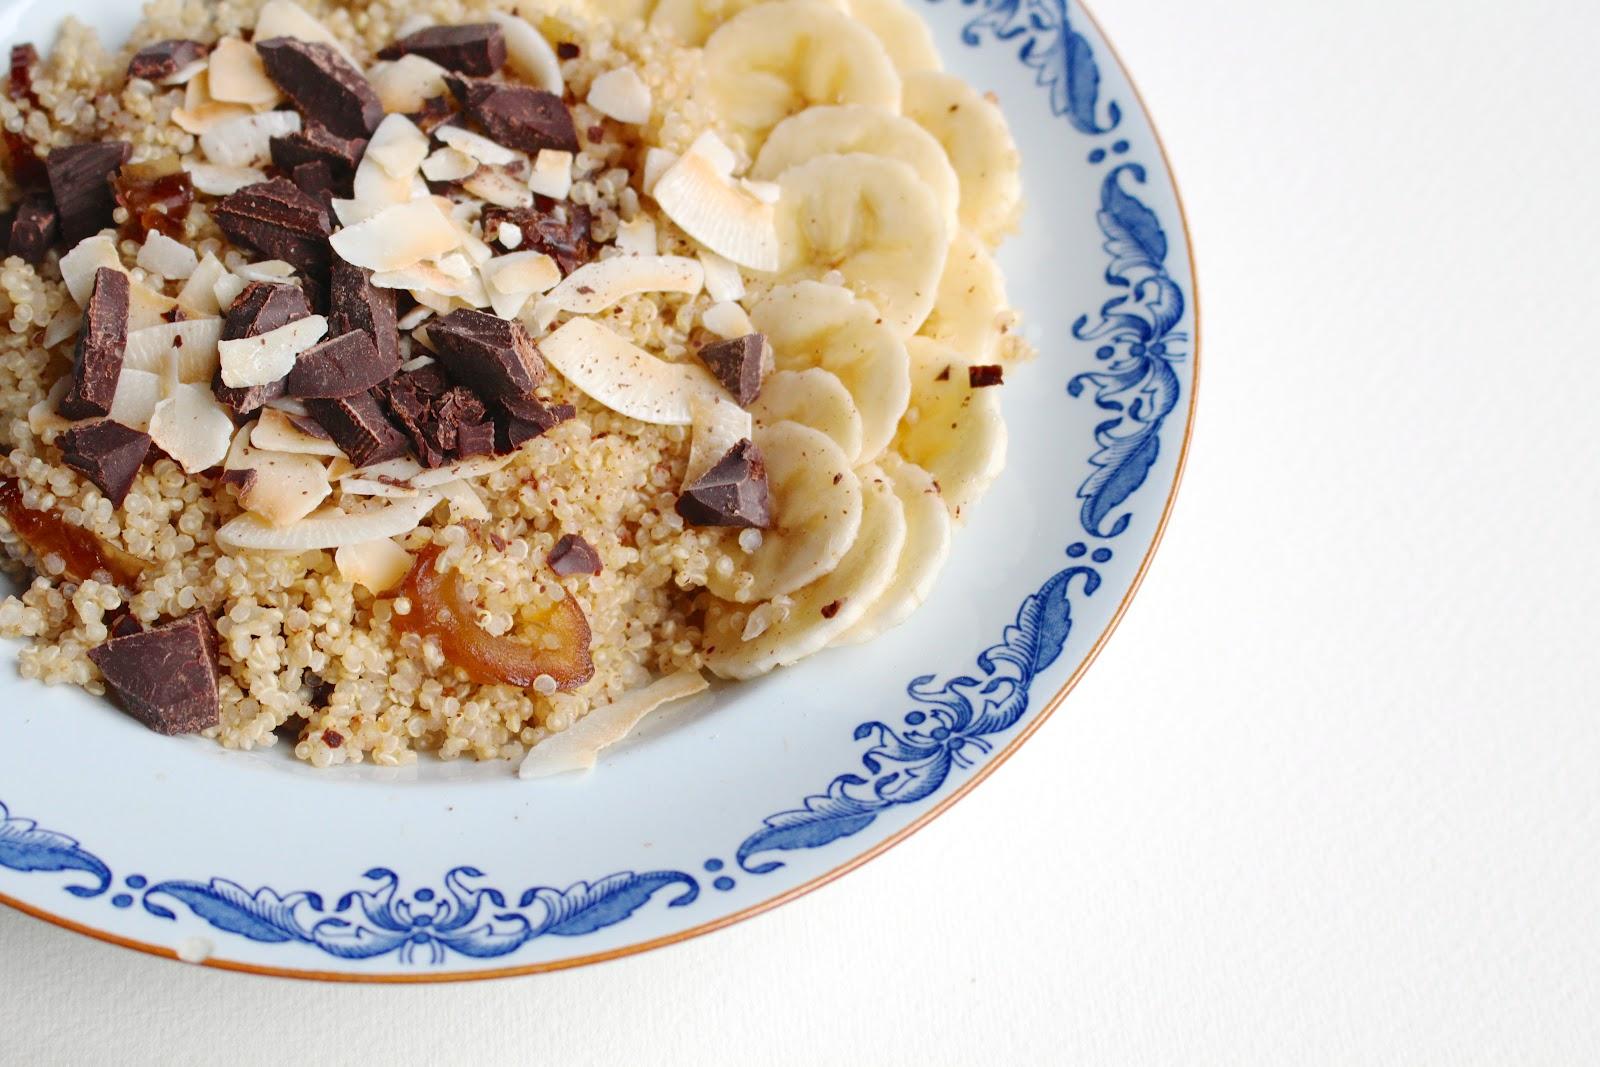 Coco-choco-banana quinoa porridge Federal Cafe